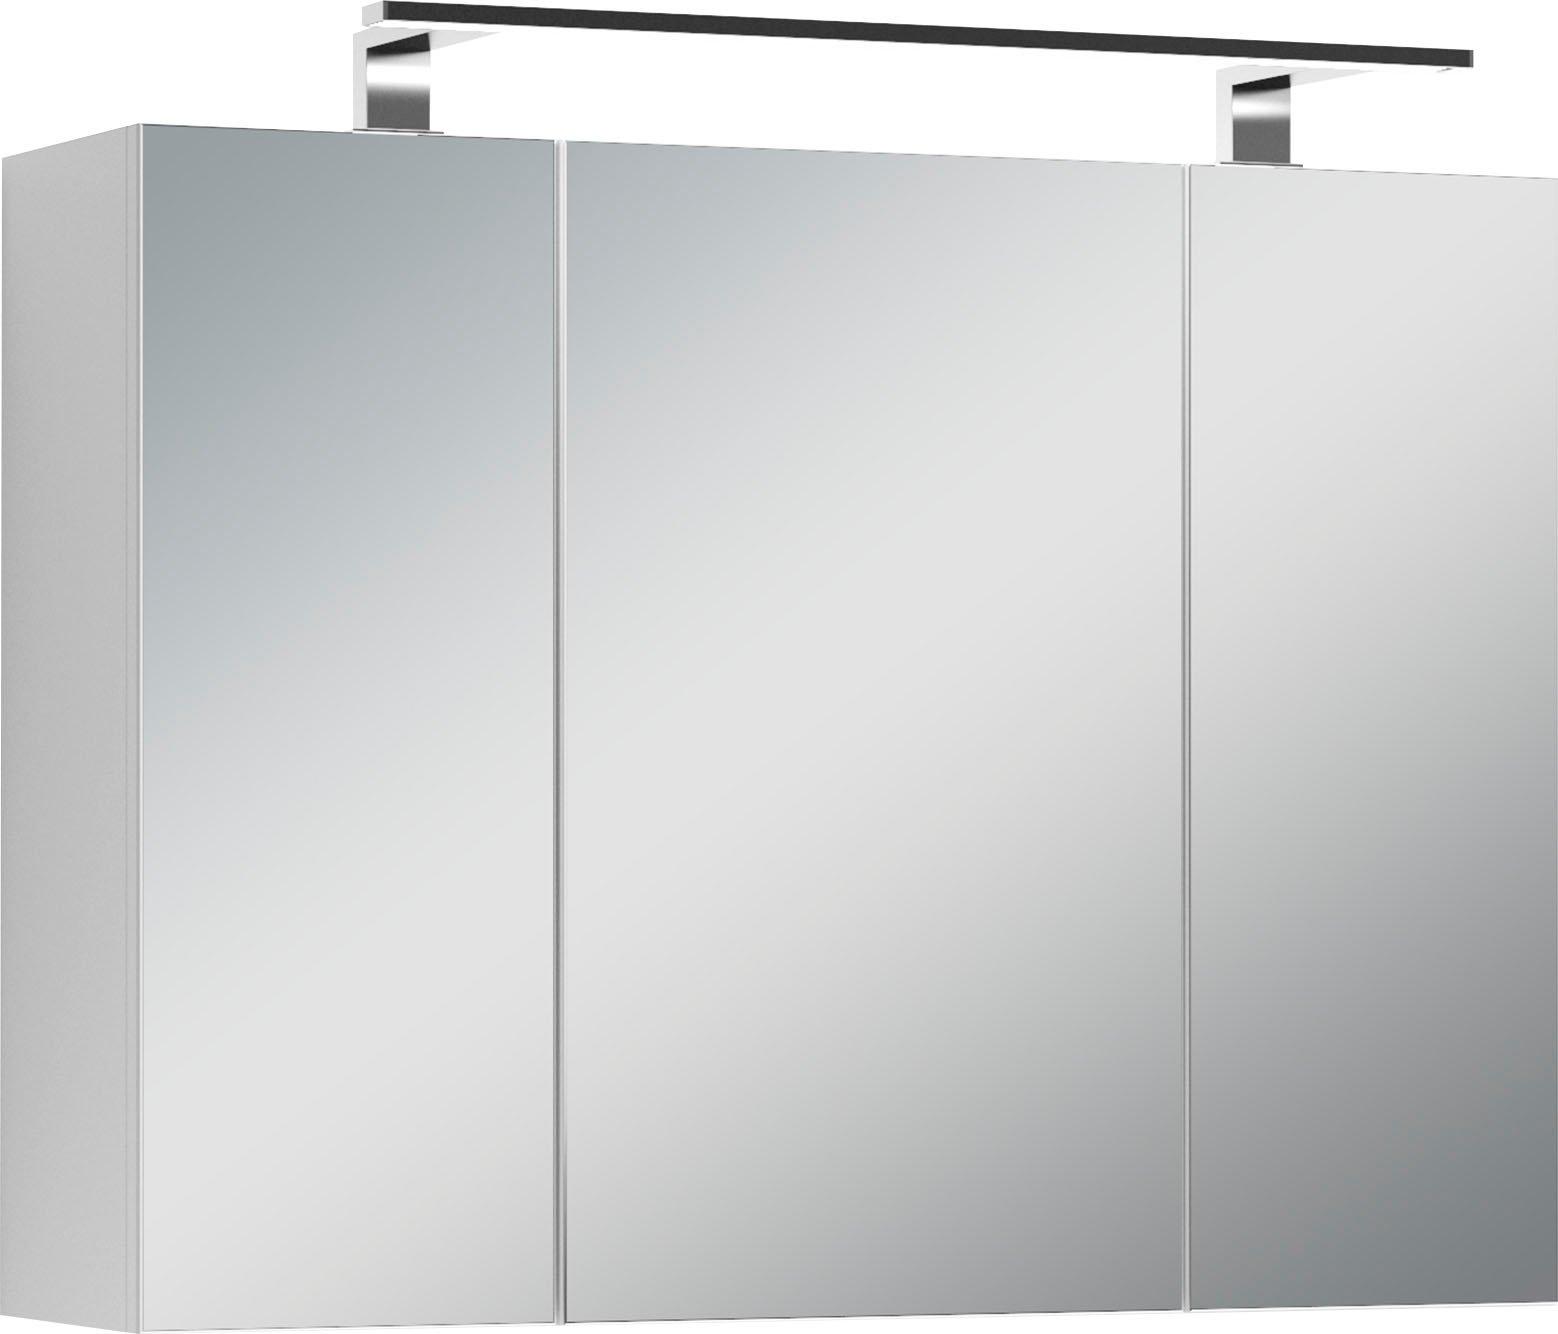 Homexperts spiegelkast Salsa Breedte 80 cm, met ledverlichting & schakelaar-/stekkerdoos online kopen op otto.nl